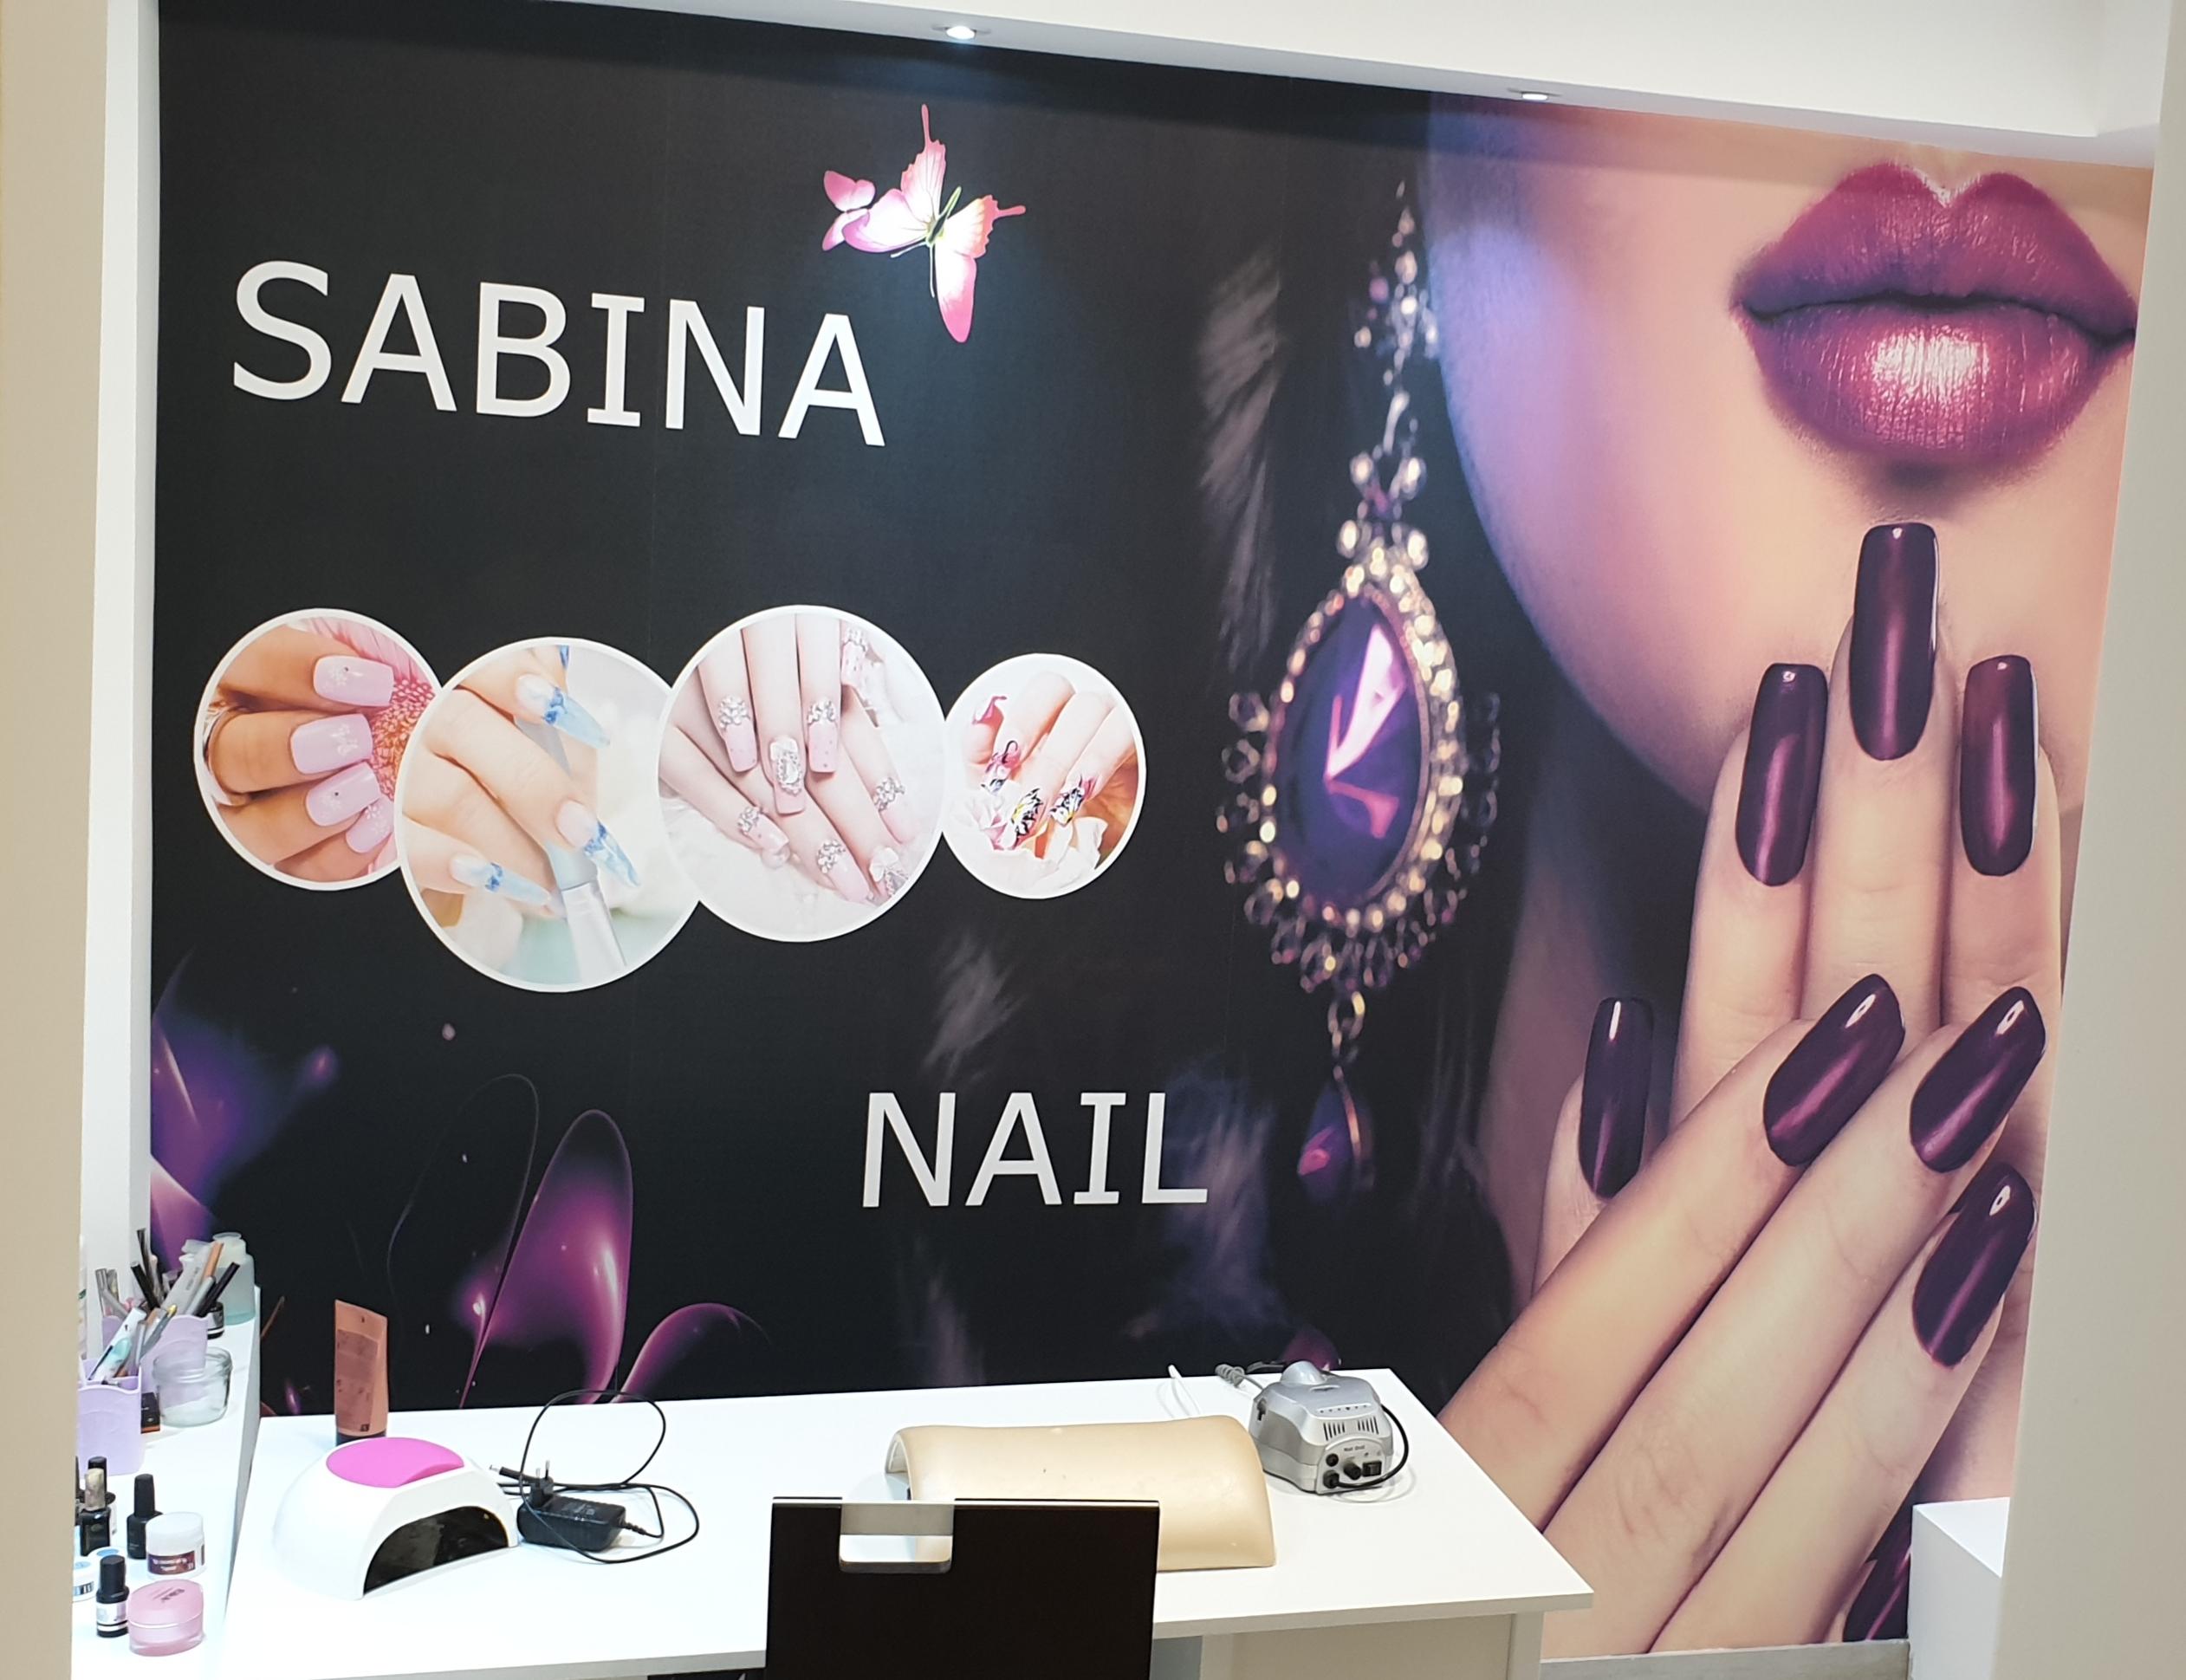 Sabina Nail